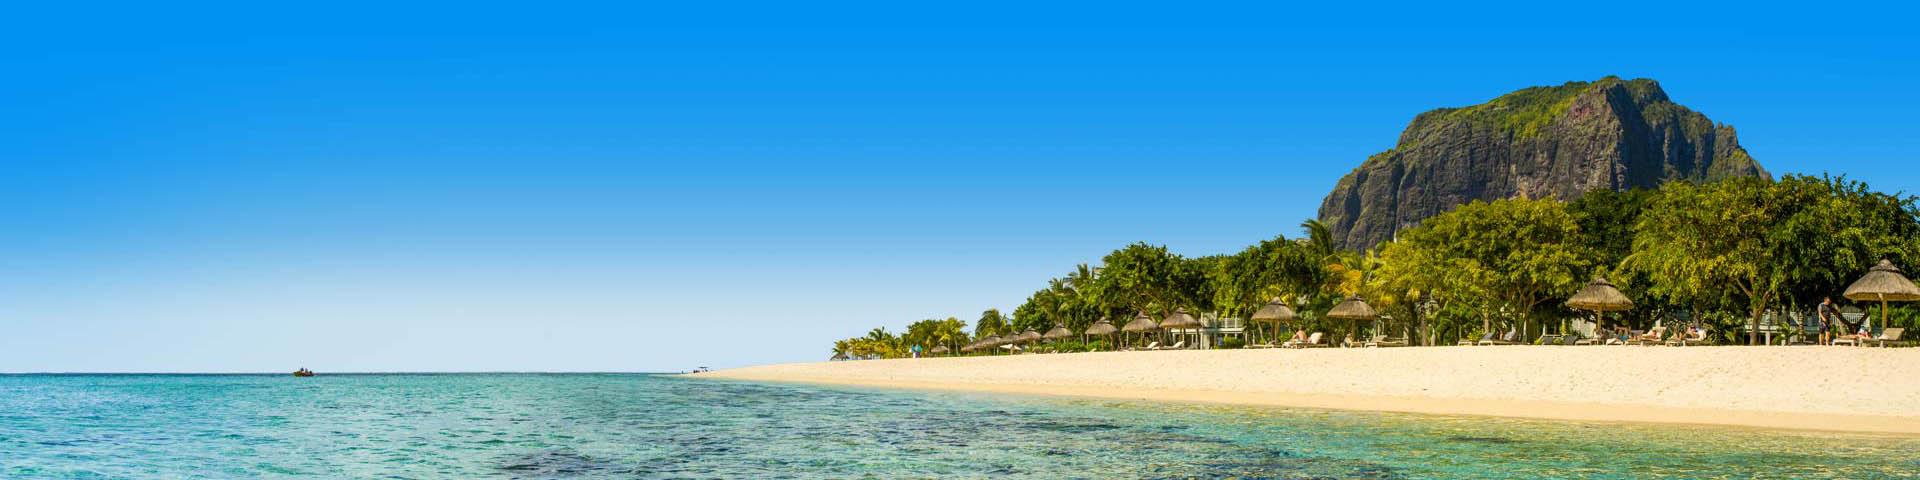 Zee met zandstrand en palmboom parasols op Mauritius